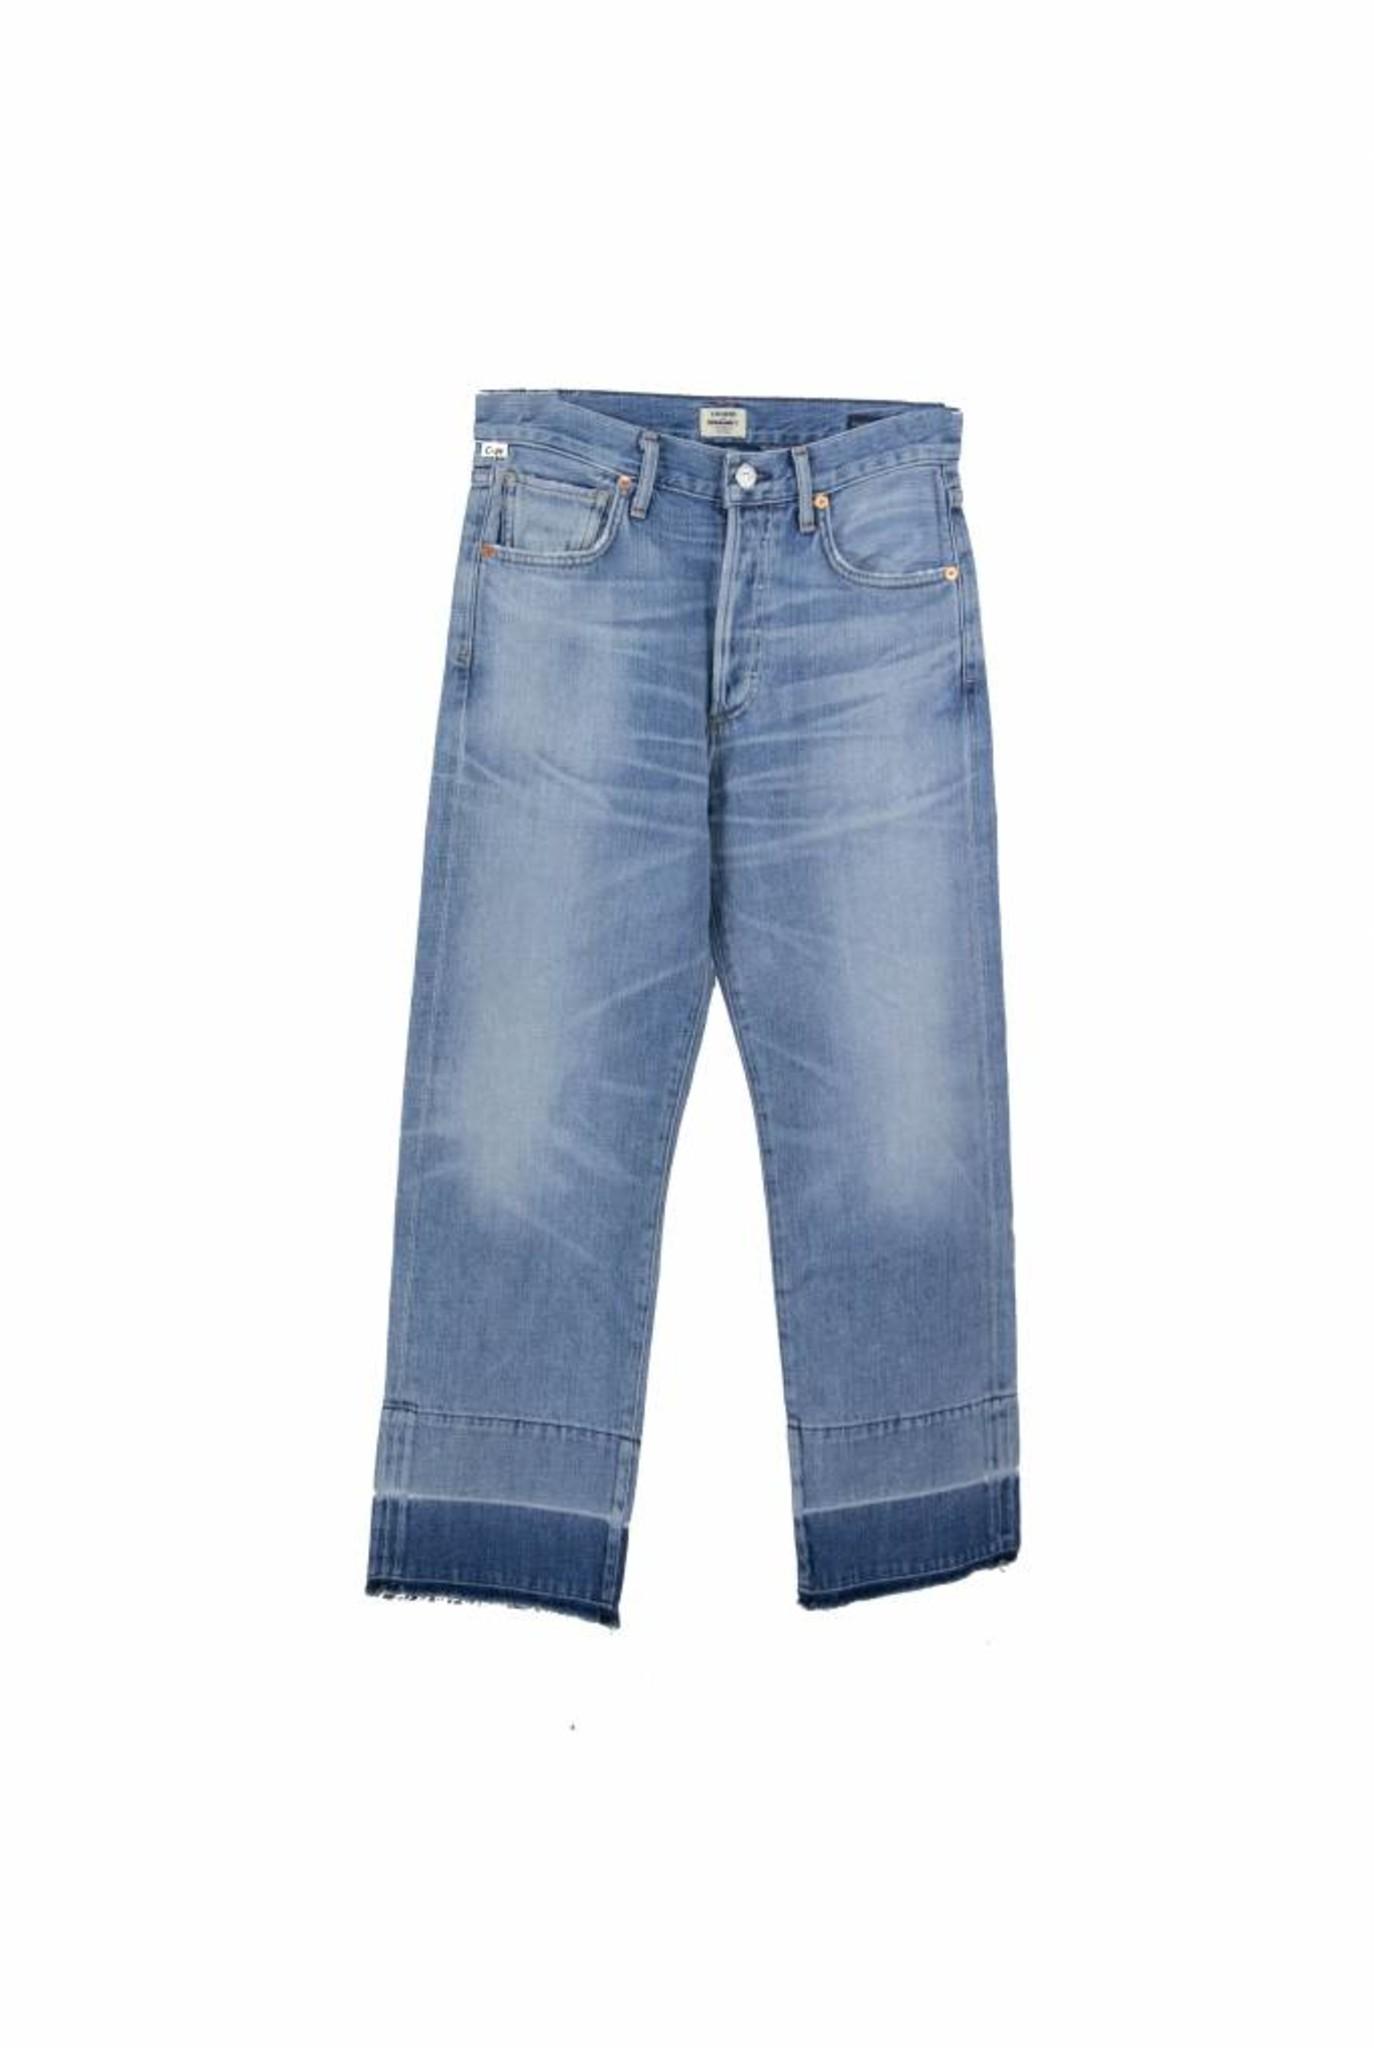 Cora jeans horizon